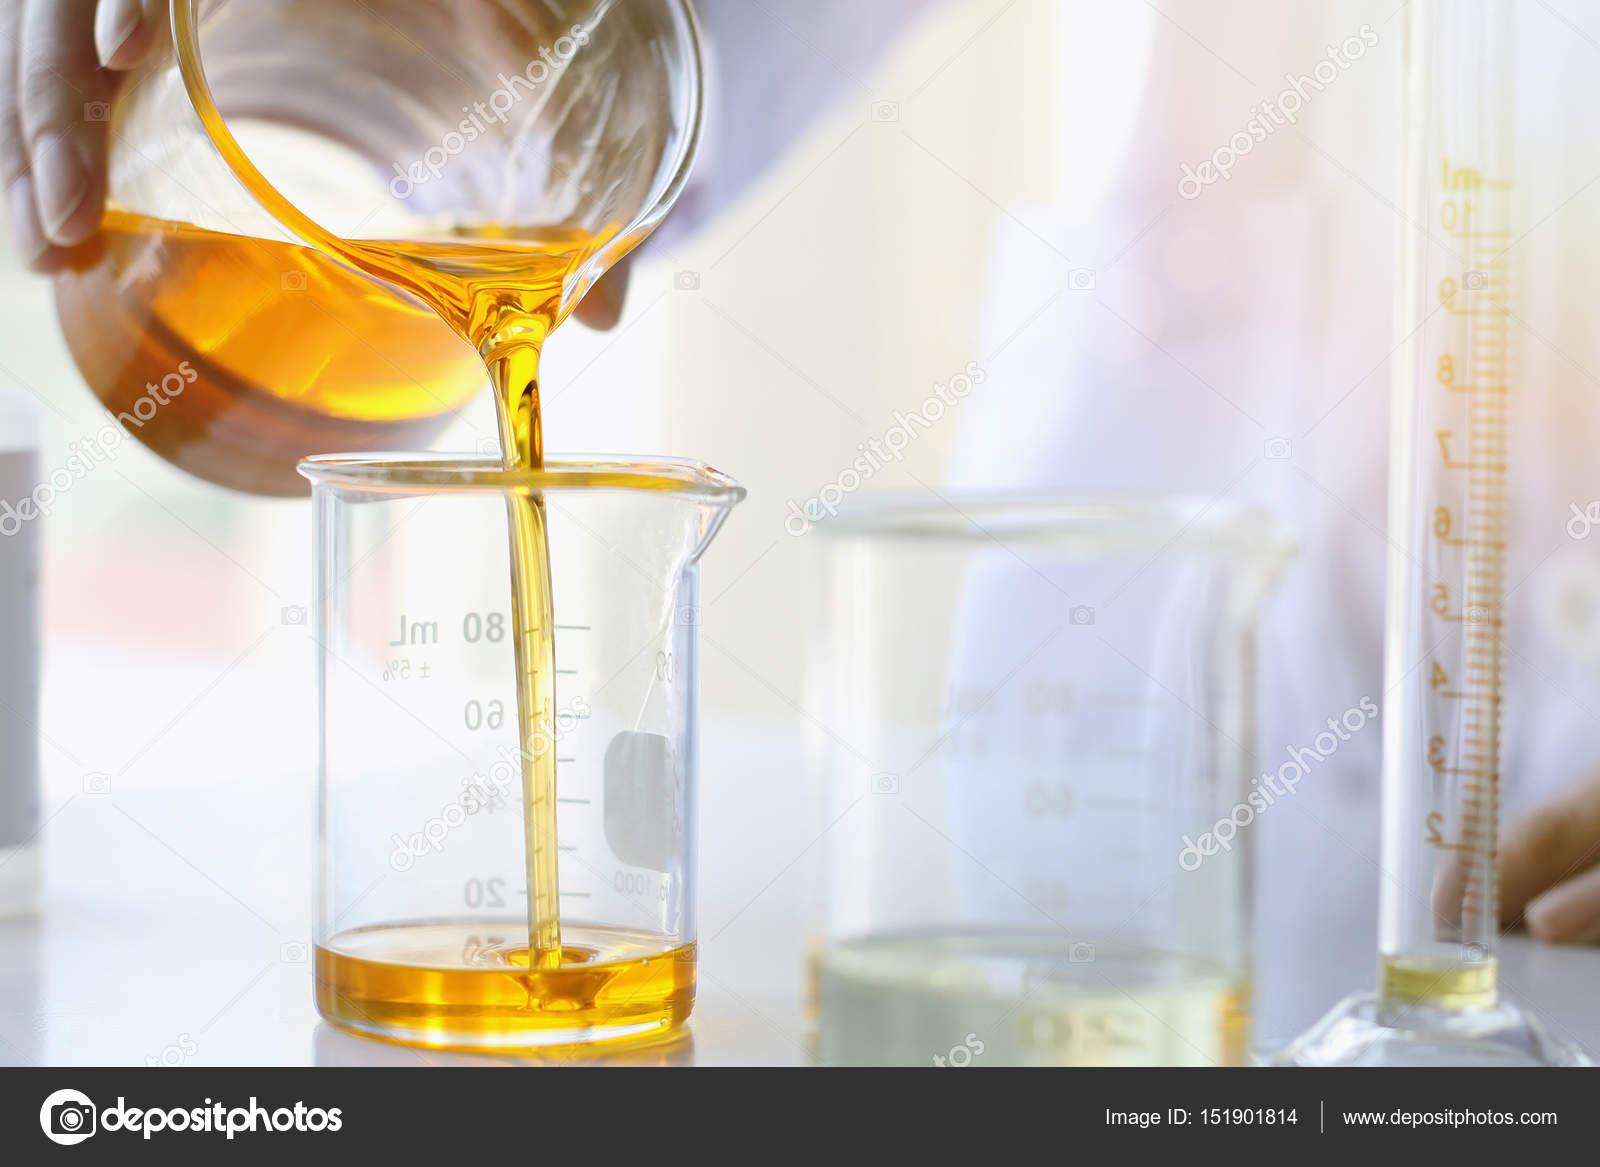 Imágenes La Quimica Organica Para Colorear Aceite Verter Equipo